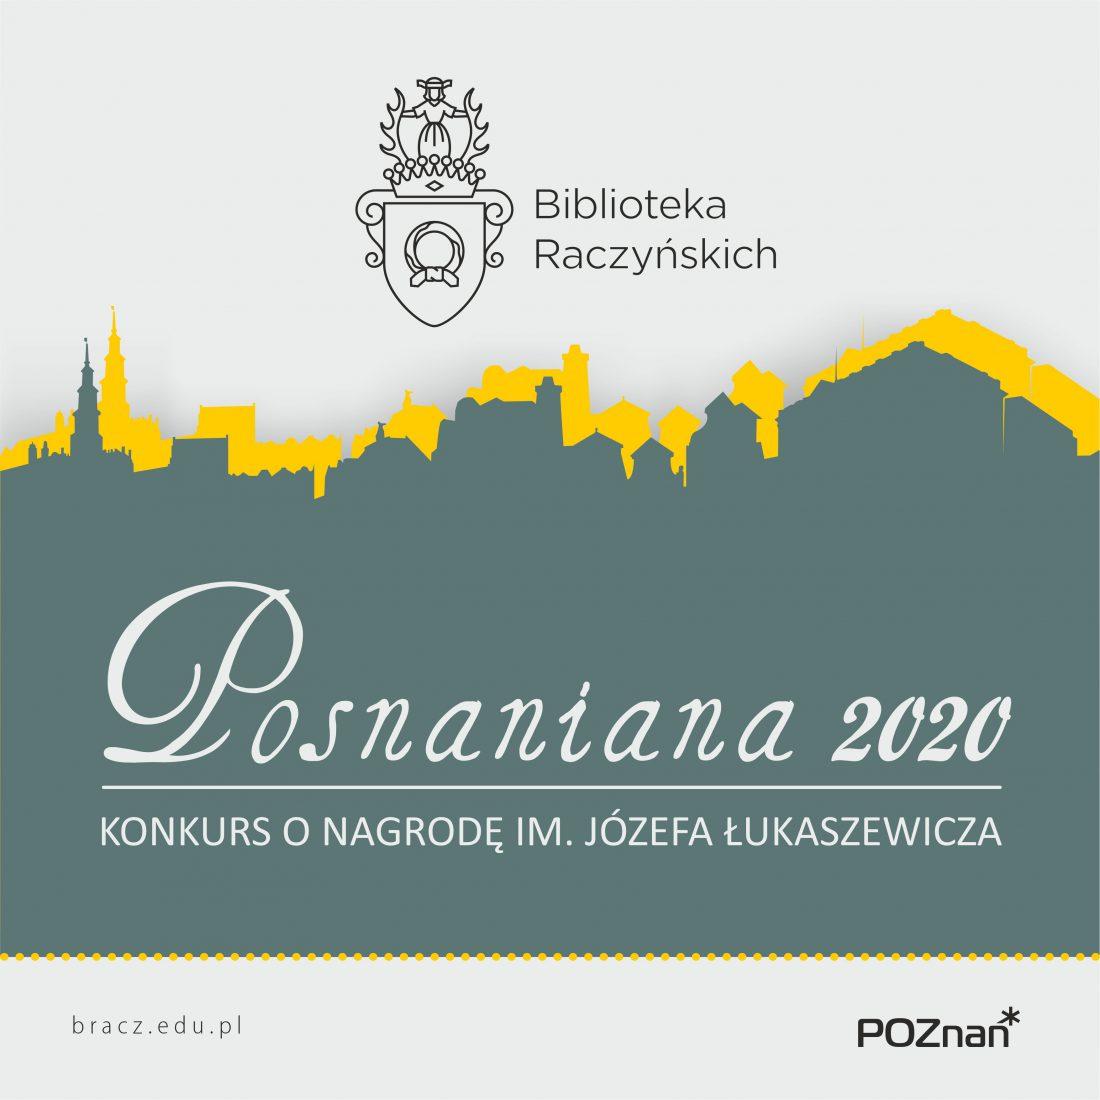 Grafika wiodąca towarzysząca Konkursowi o nagrodę im. Józefa Łukaszewicza. Przedstawia zarys panoramy Poznania